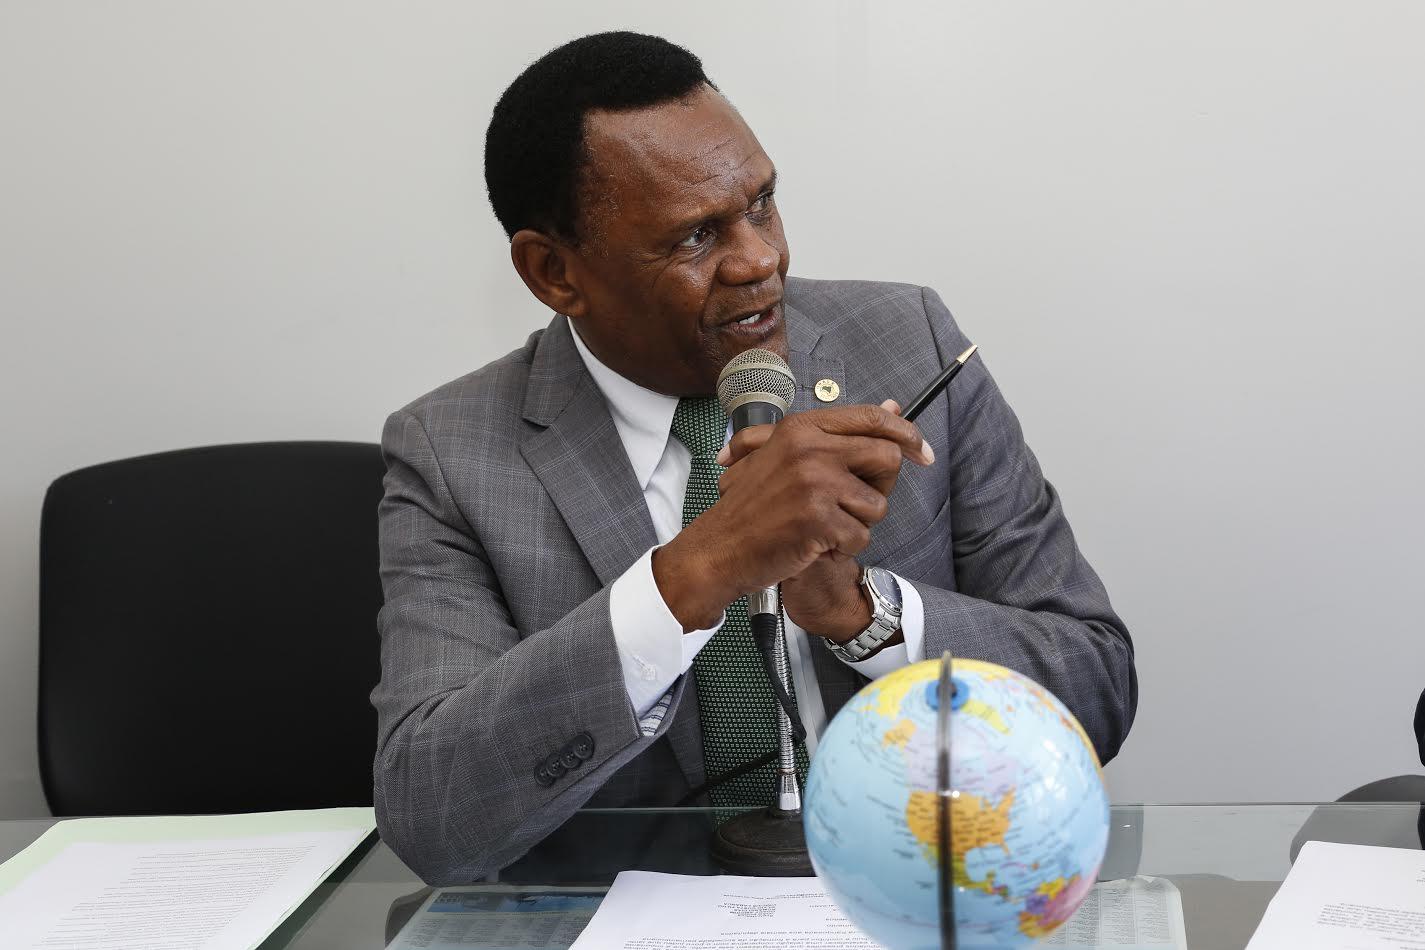 Comissão de Assuntos Internacionais promove ações de aproximação com unidades diplomáticas